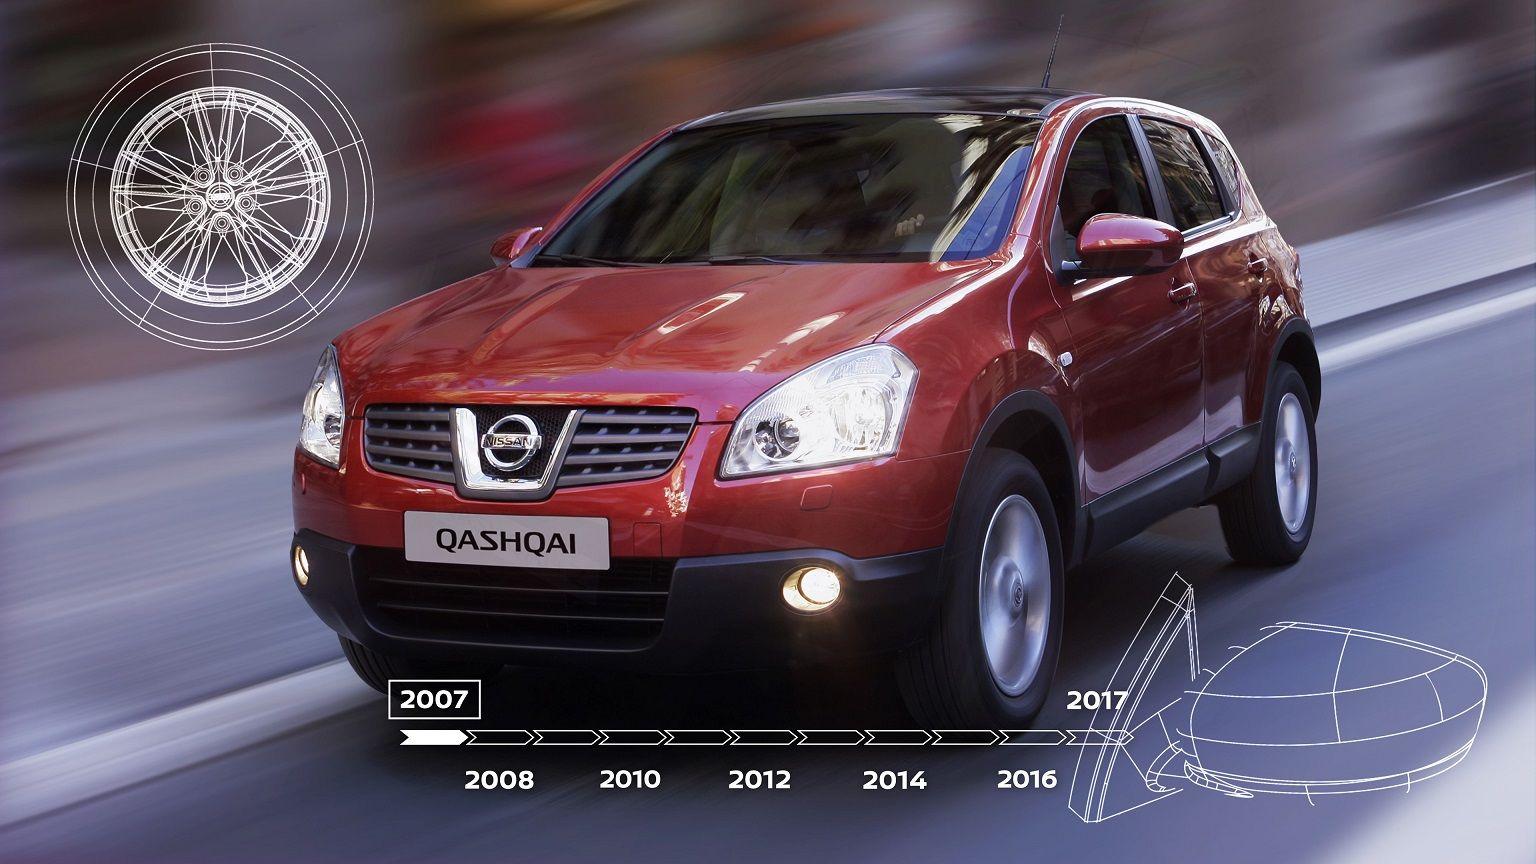 Qashqai иX-Trail стали самыми известными моделями Ниссан в Российской Федерации